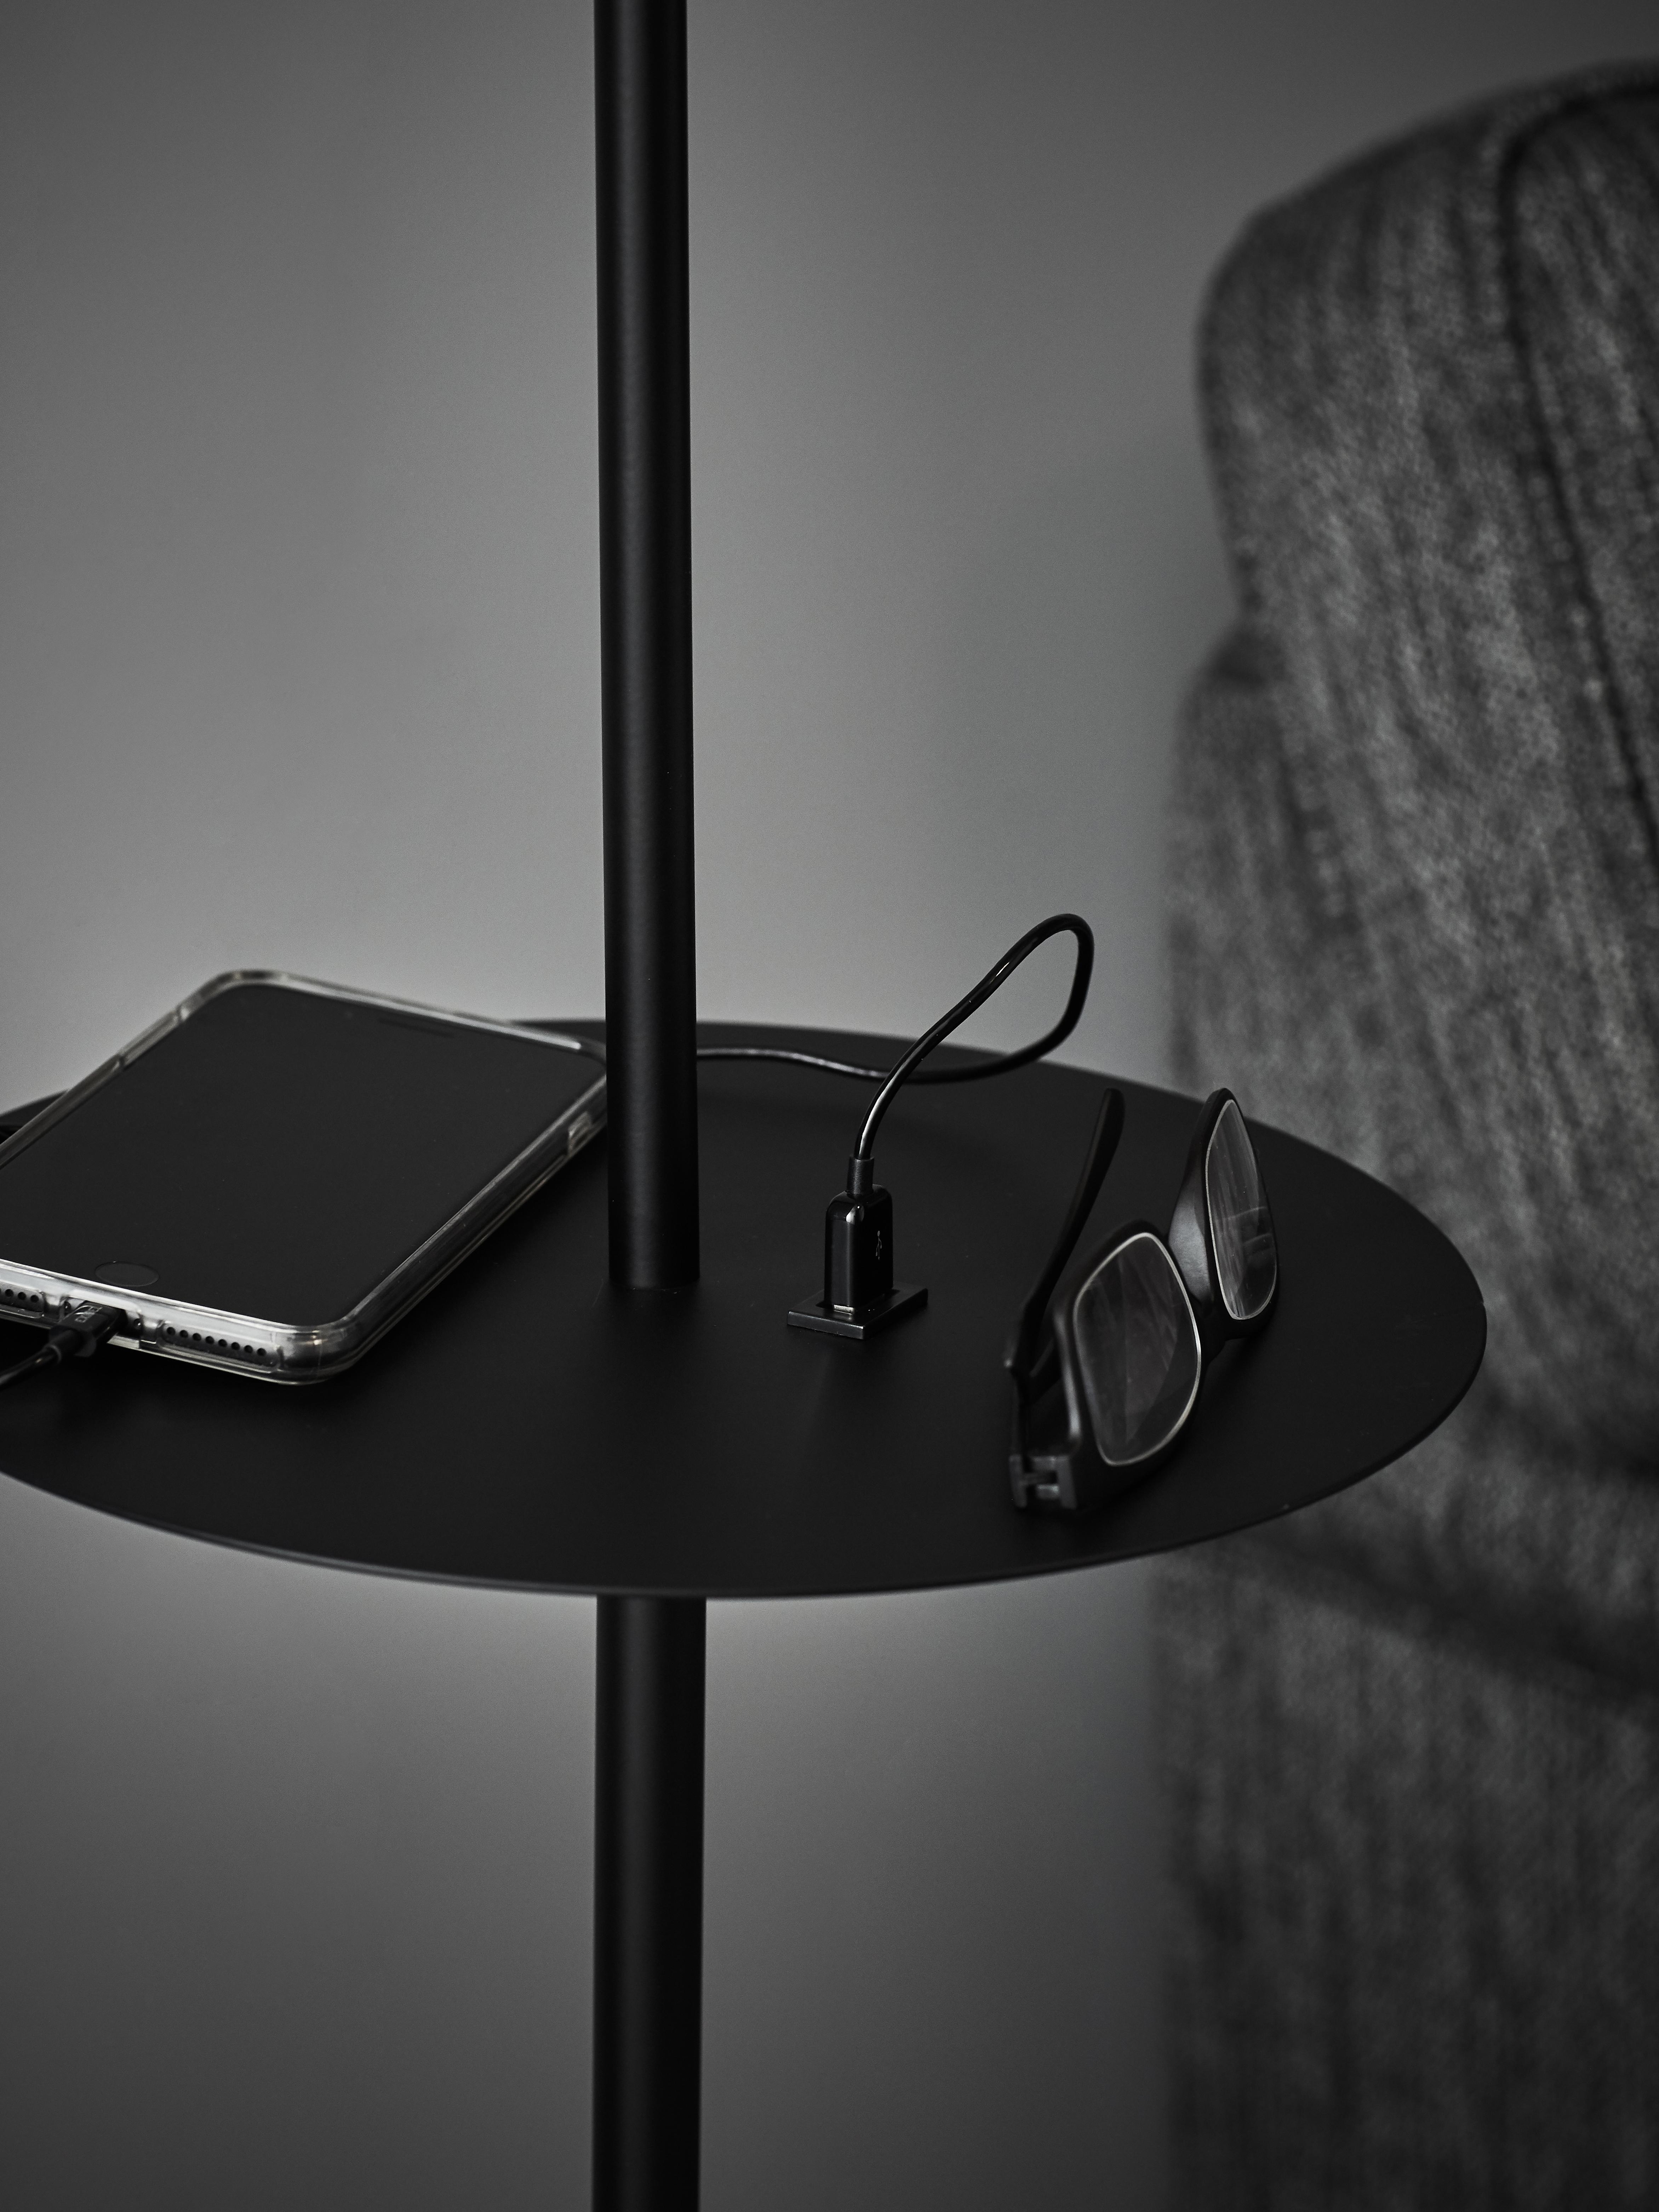 Leeslamp Linear met plank en USB aansluiting, Lamp: gecoat metaal, Zwart, 28 x 144 cm